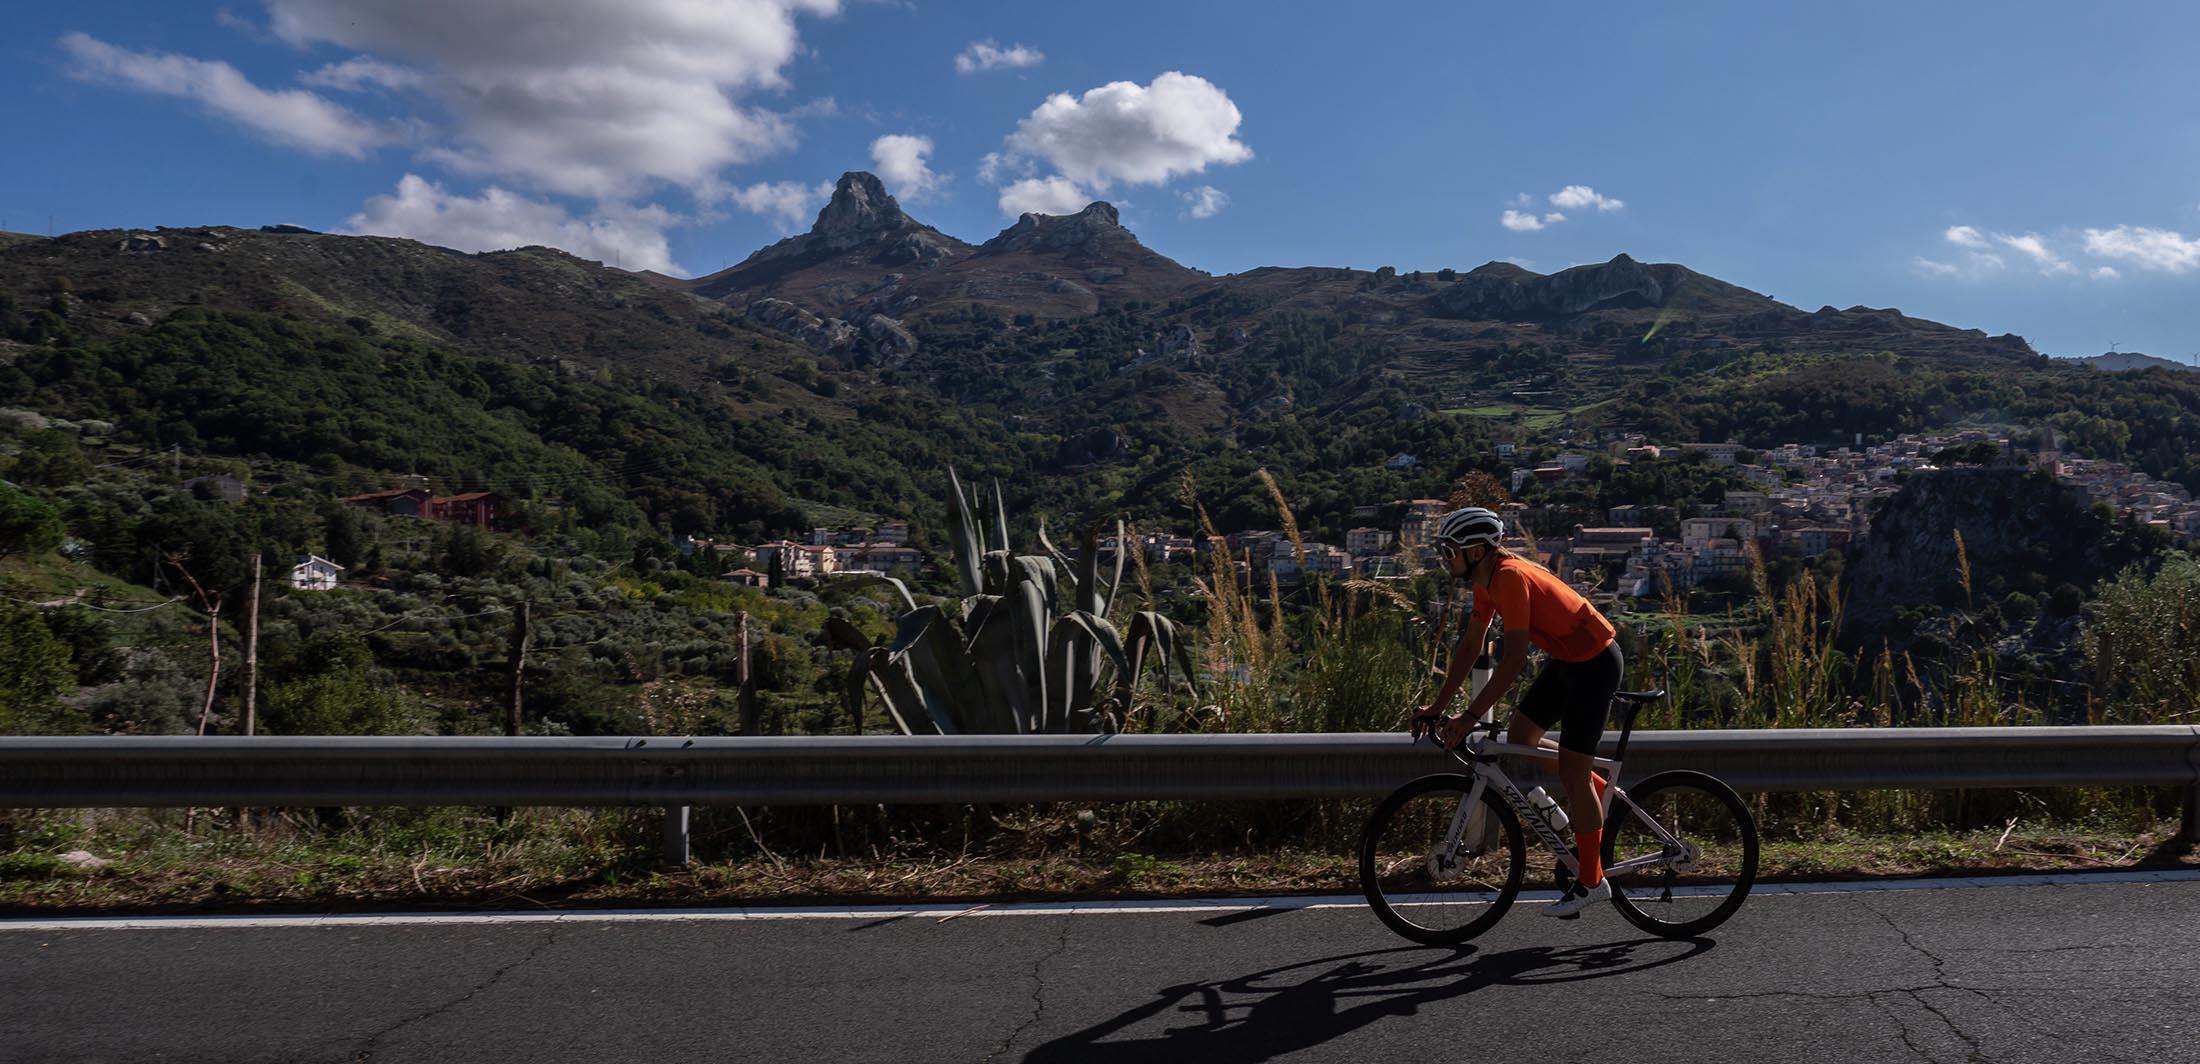 ubrany w pomarańczowy komplet stroju kolarskiego jedzie w czasie upalnej sycylijskiej temperatury